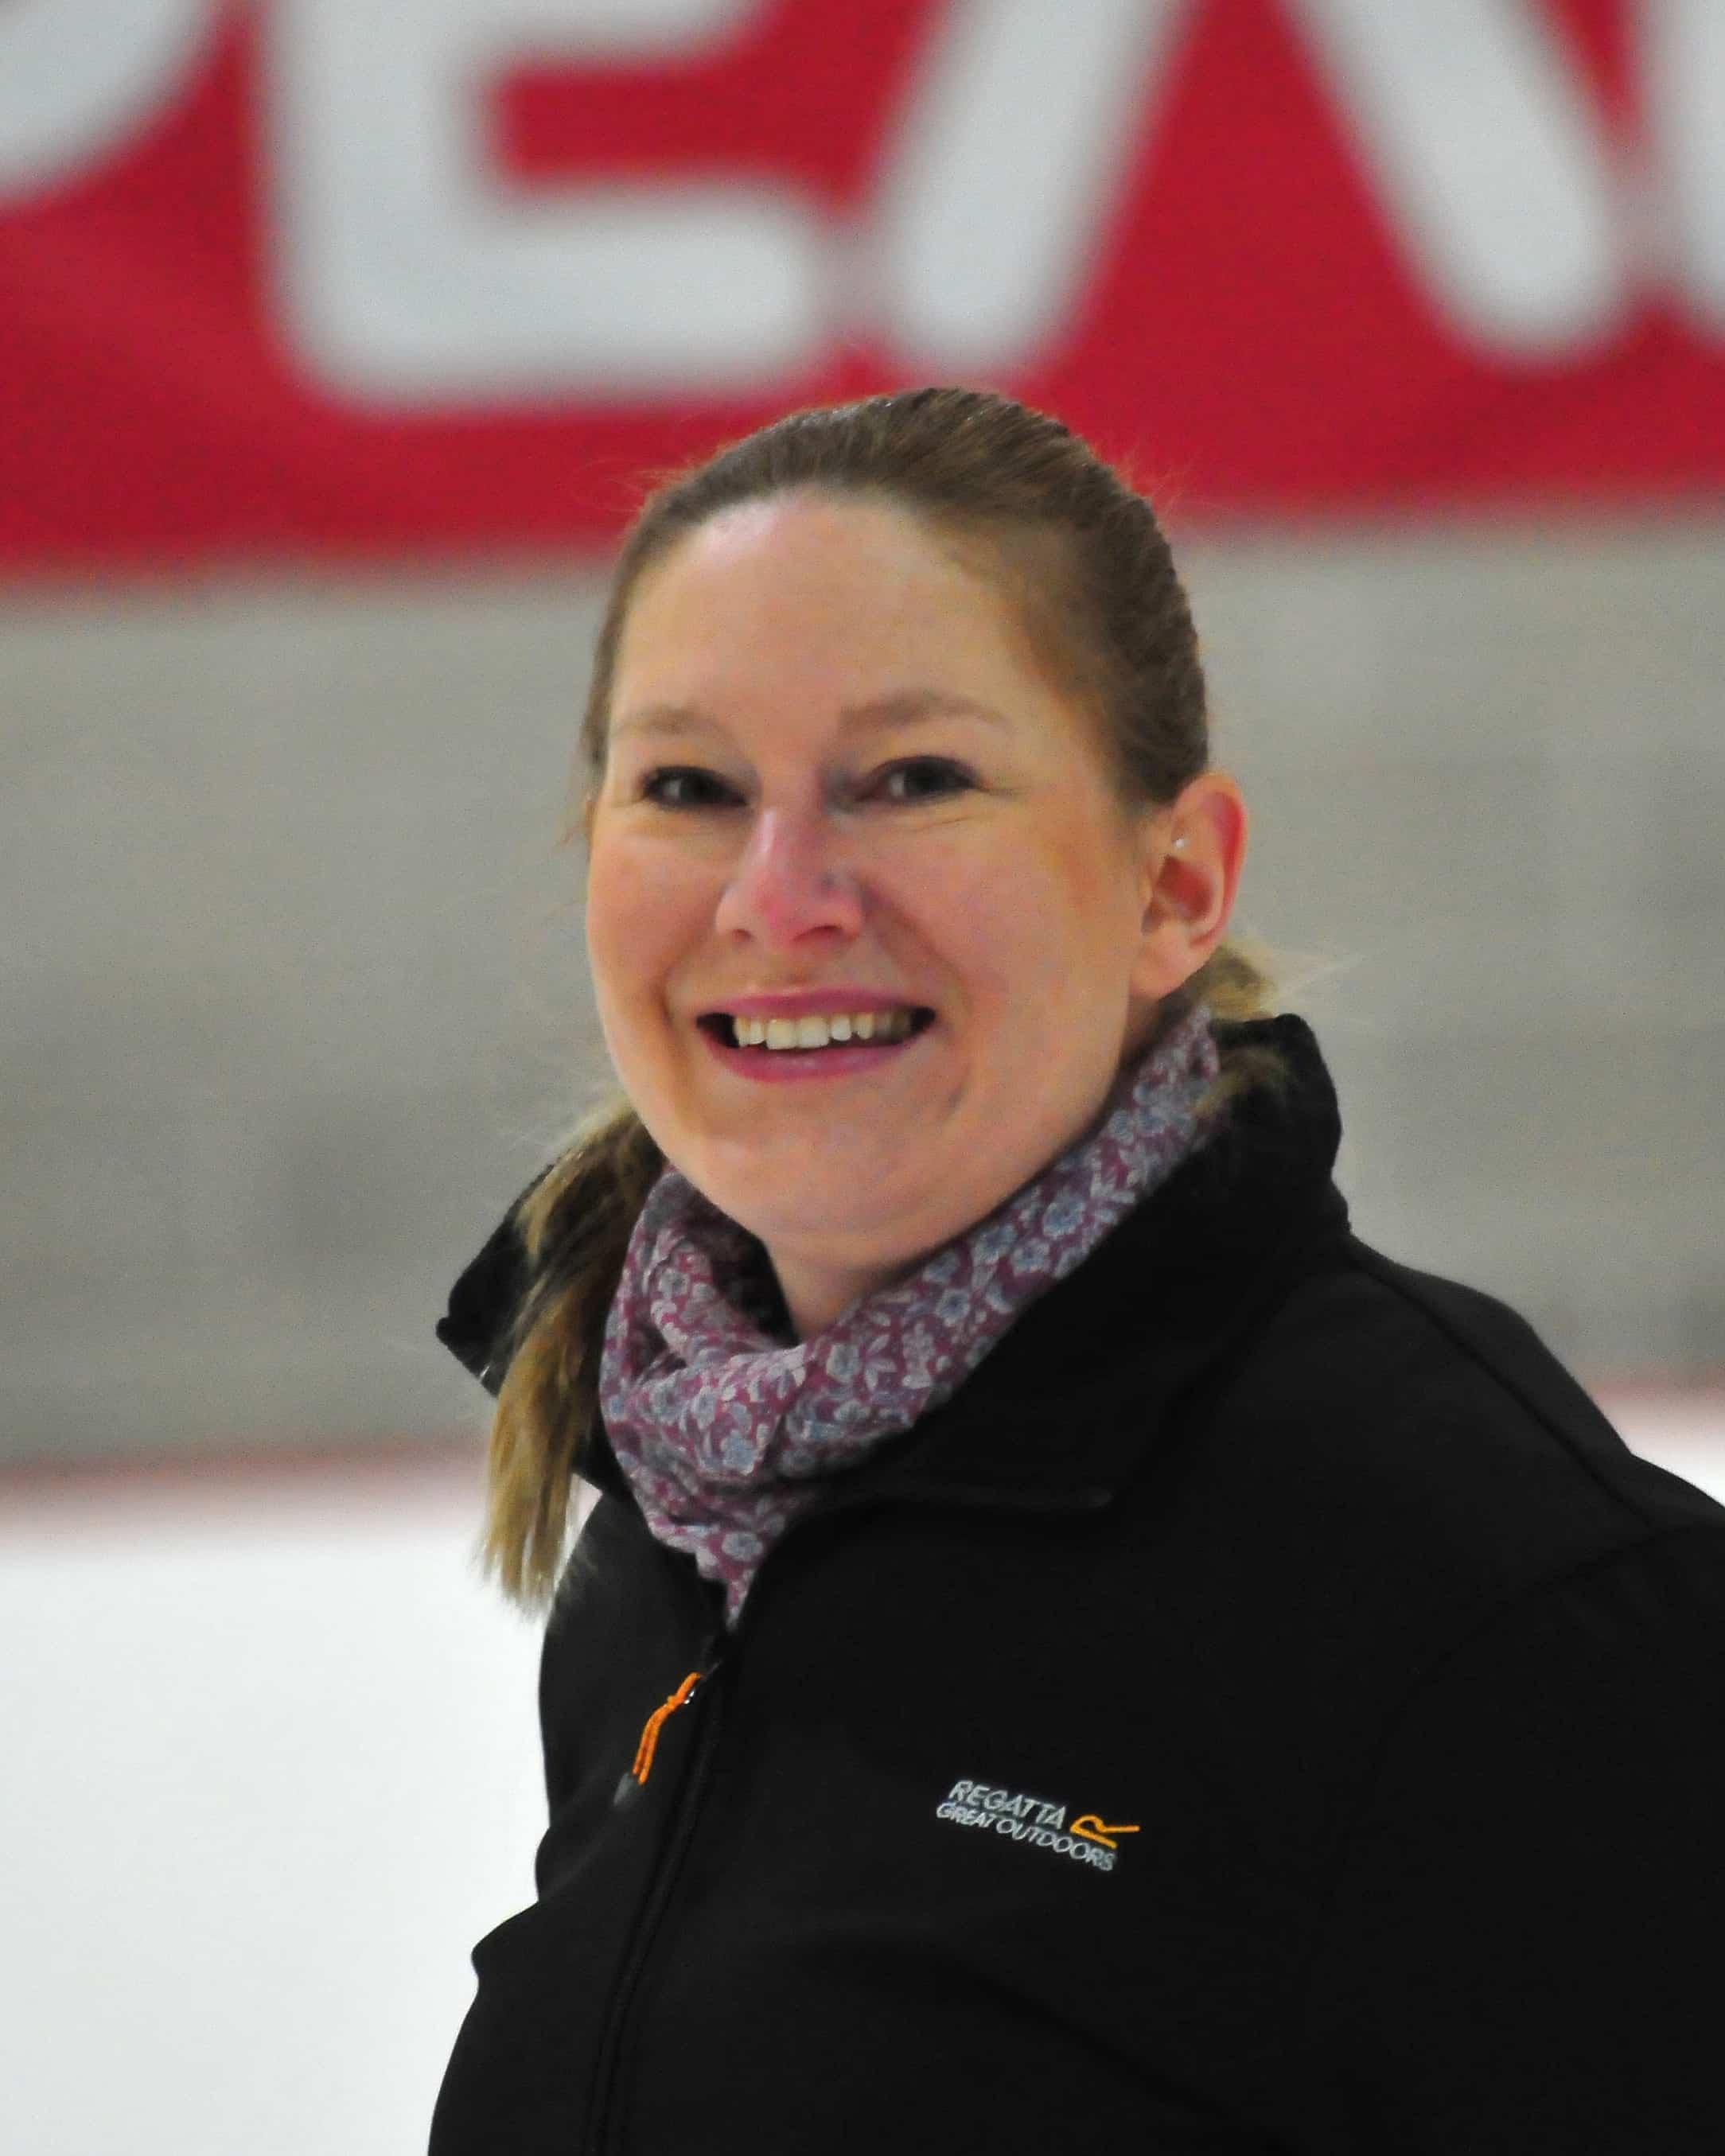 Robyn McDade